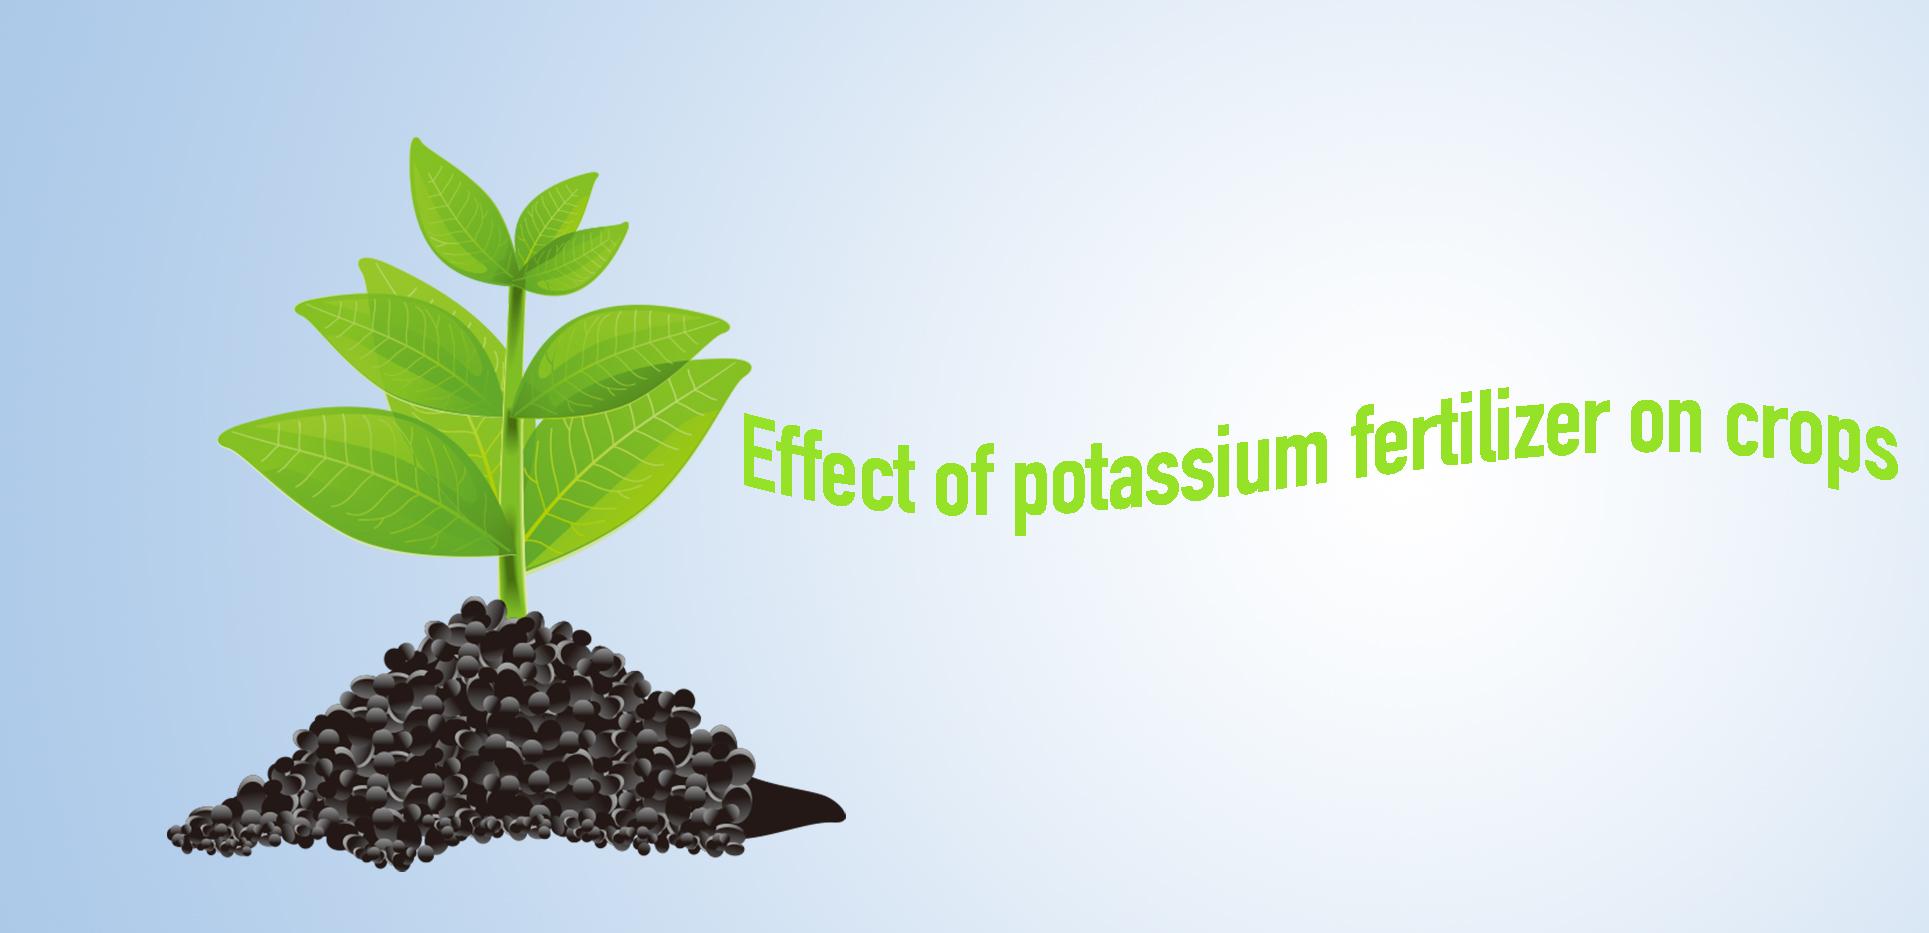 Effect of potassium fertilizer on crops